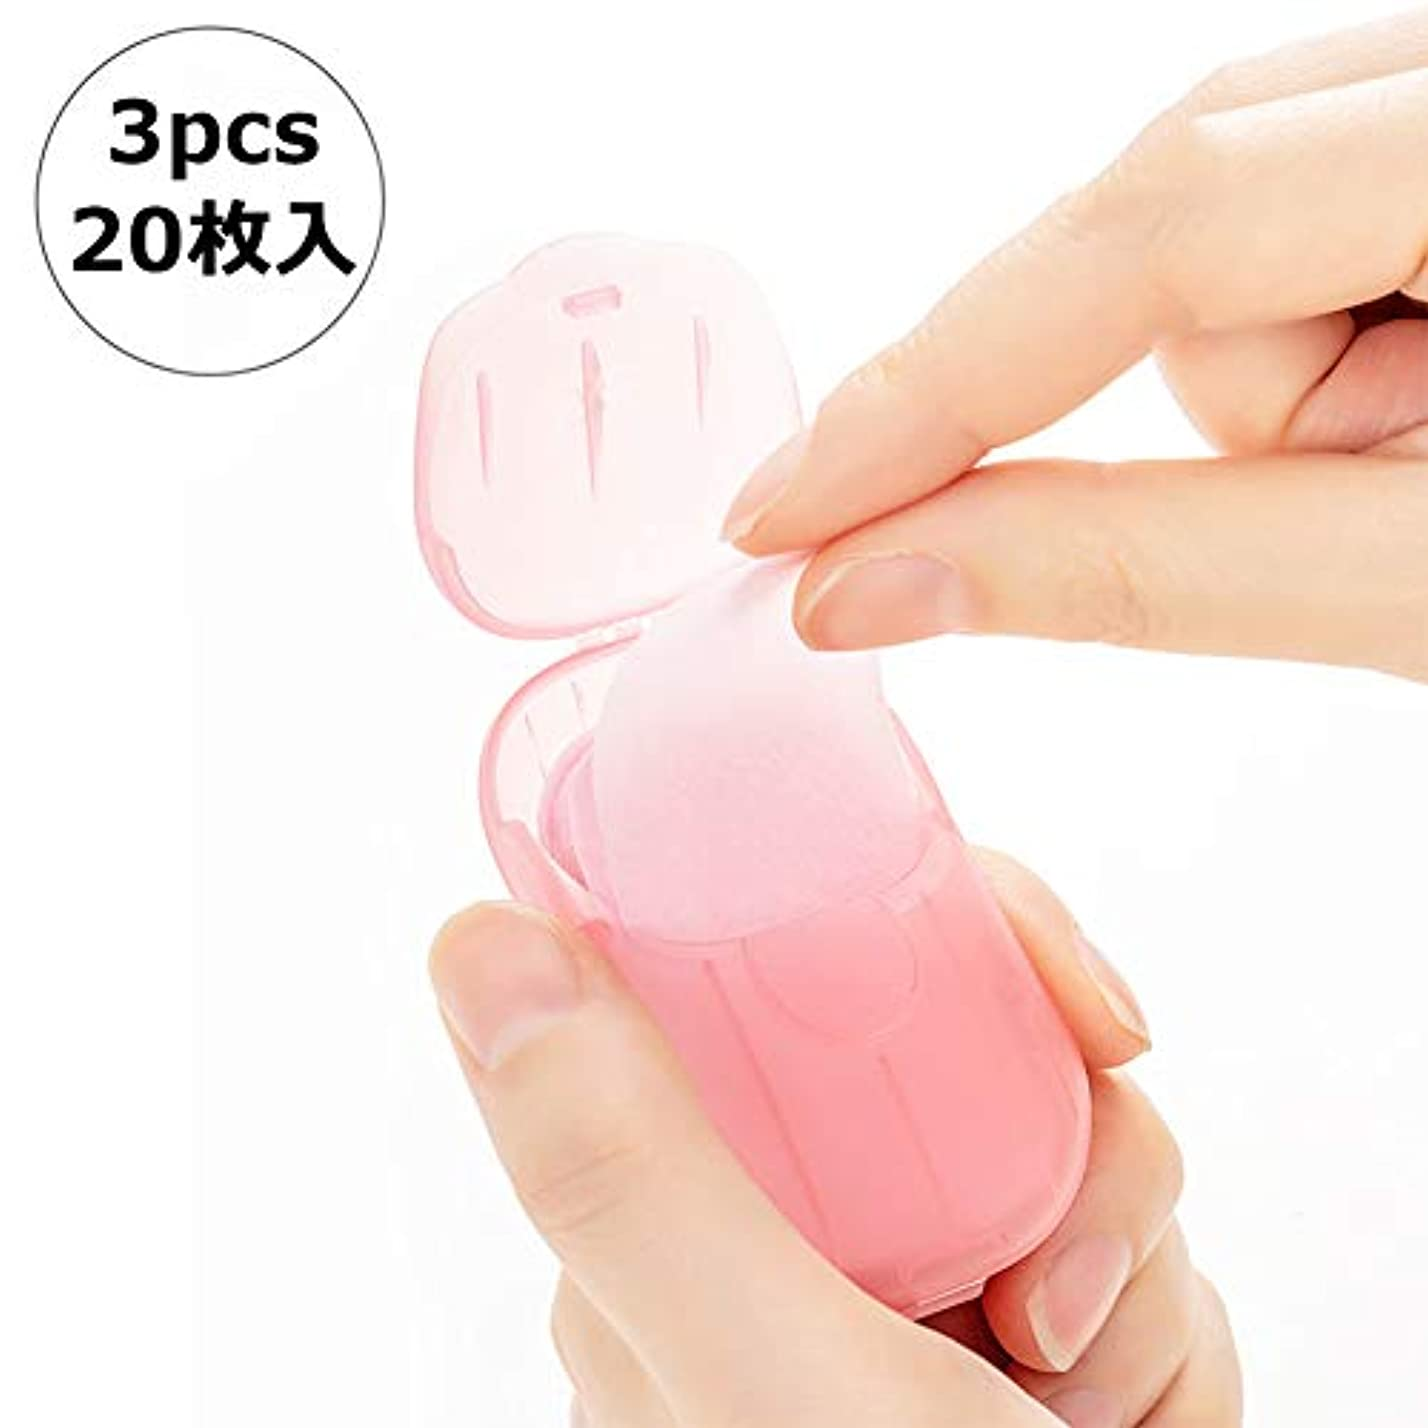 吹きさらしエール太字NITIUMI ペーパーソープ 除菌 香り 石鹸 手洗い/お風呂 旅行携帯用 紙せっけん 20枚入 ケース付き カラーランダム (3個セット)